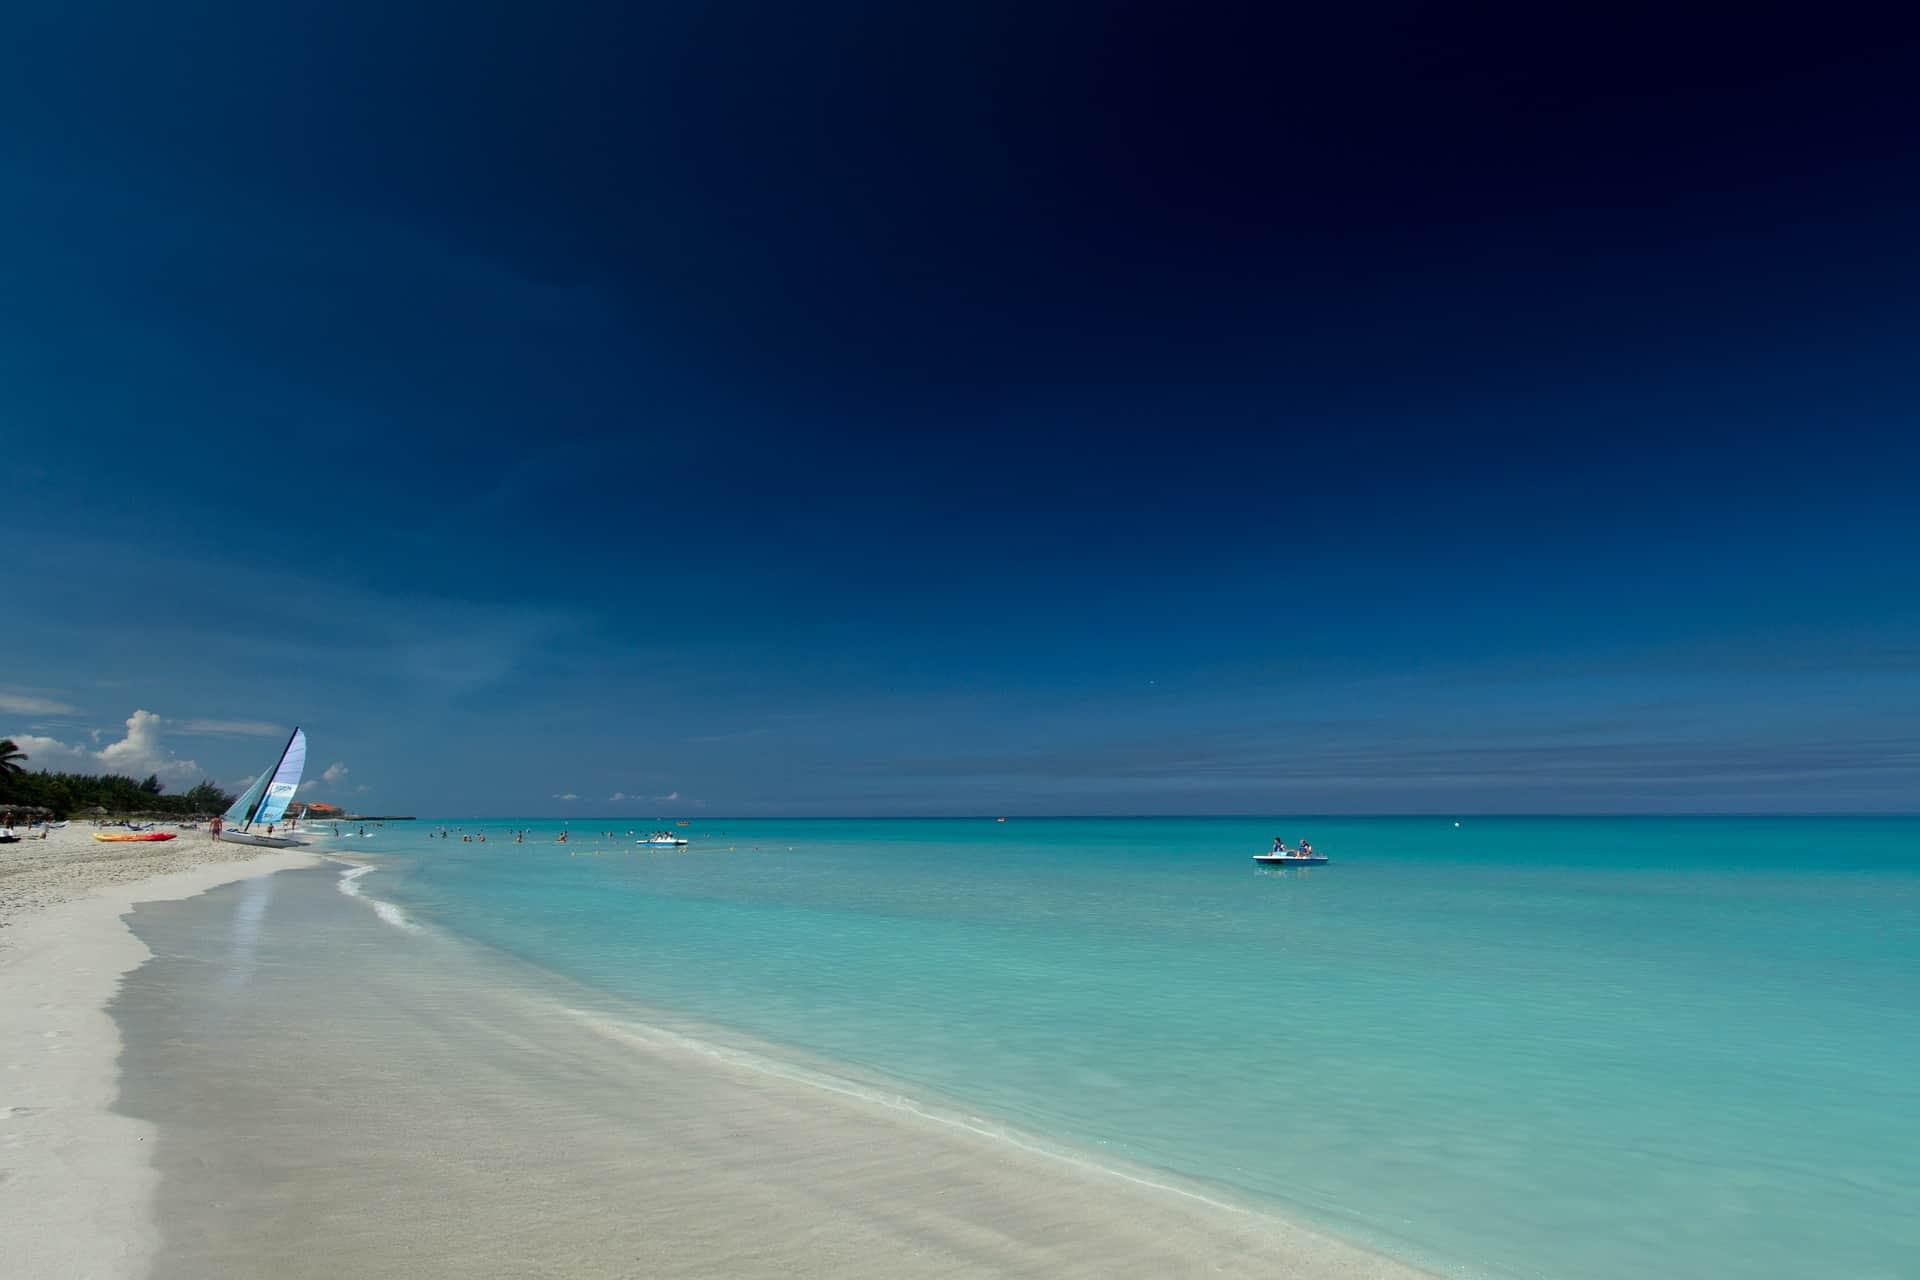 Varadero kubanischer Urlaubstraum von hier aus kann man auf die Insel Cayo Blanco einen Tagesausflug planen